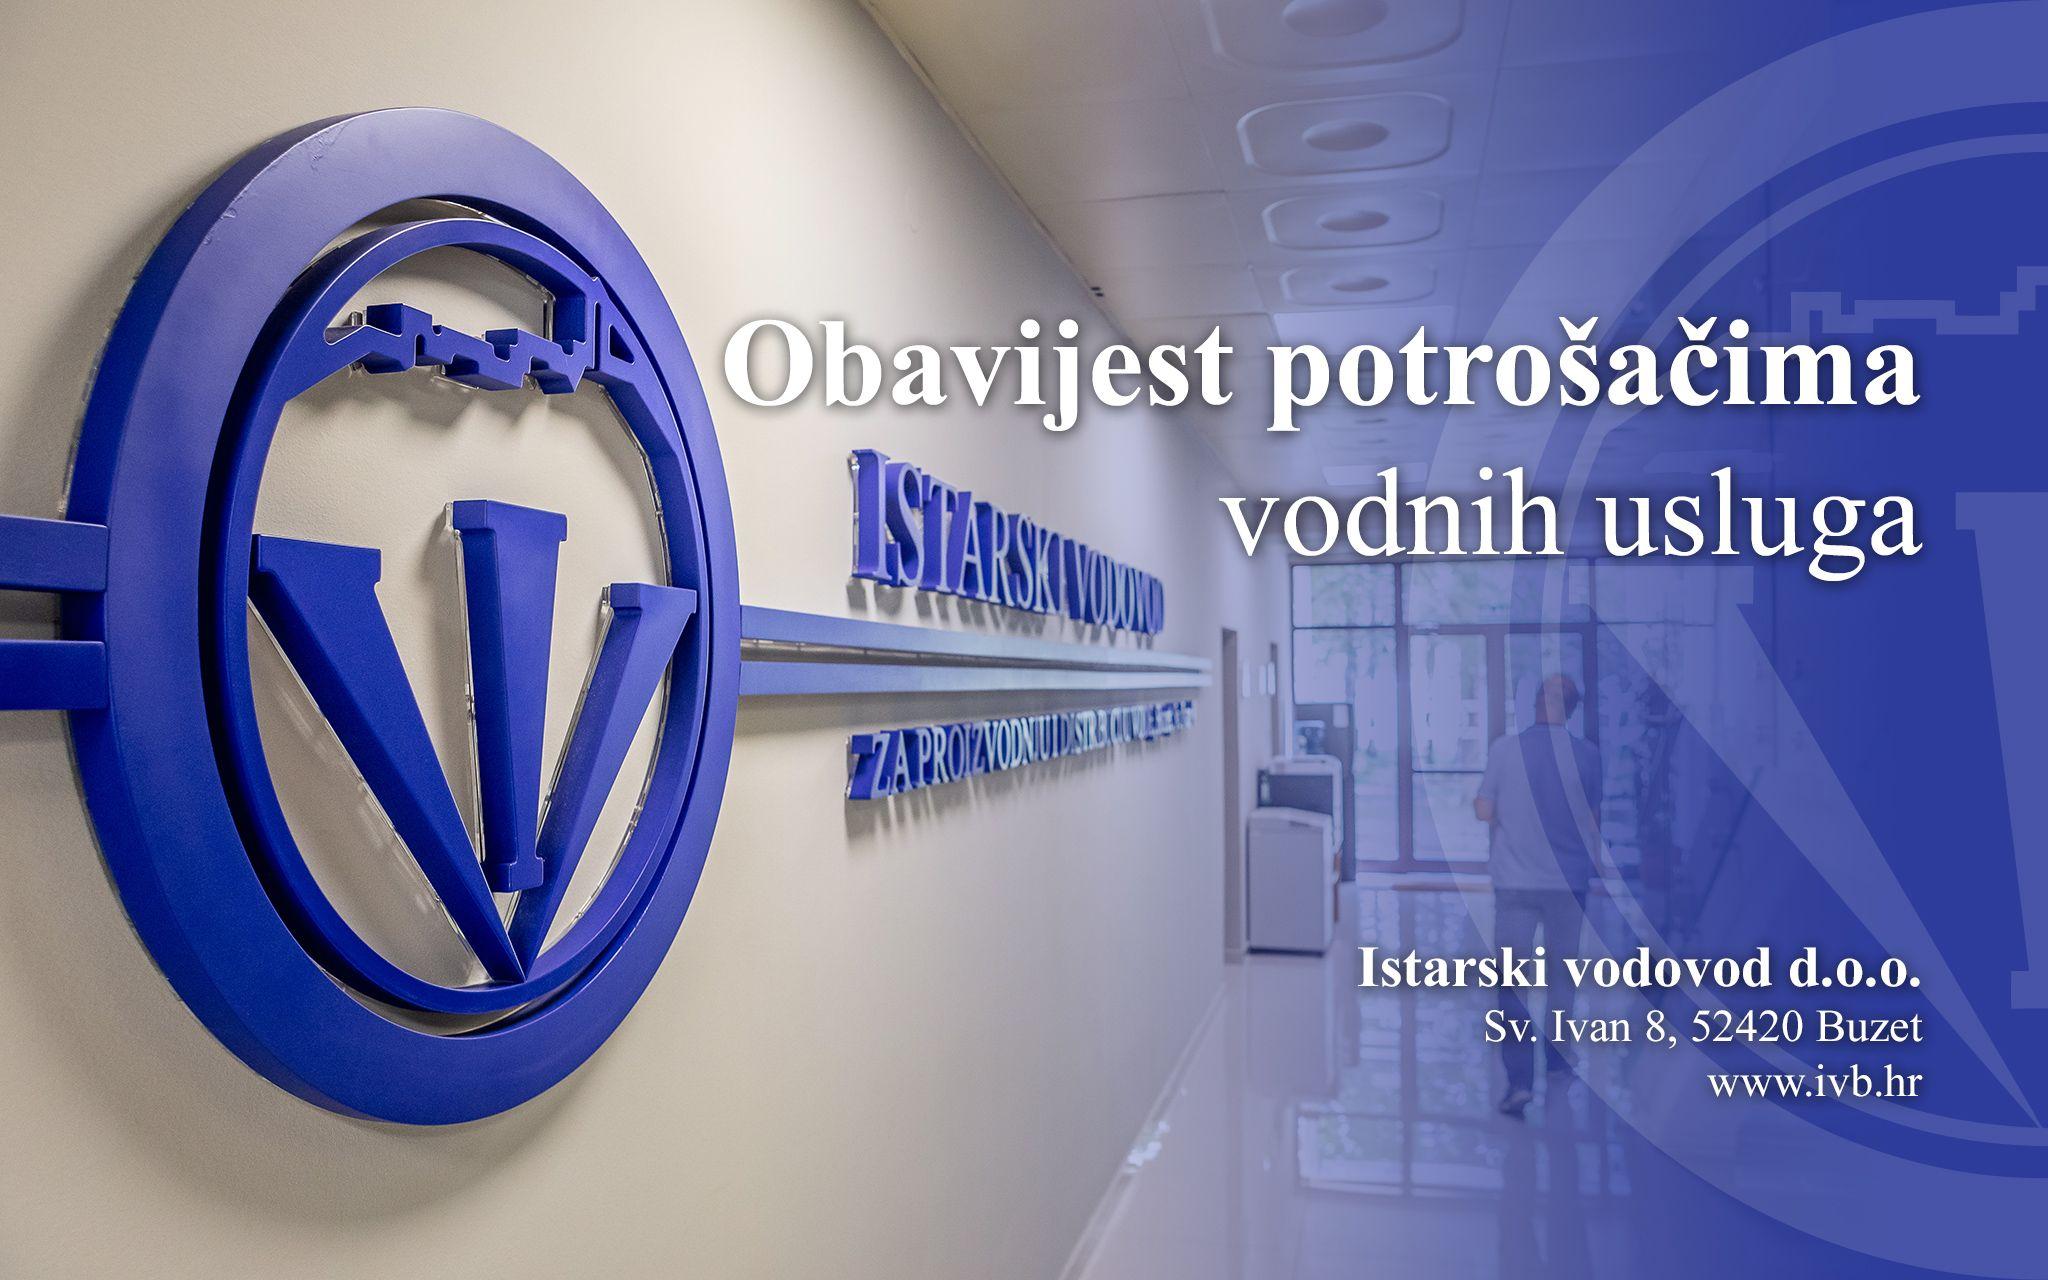 https://novigrad.hr/zbog_radova_na_vodovodnoj_mrezhi_u_srijedu_27._10._naselje_marketi_privreme